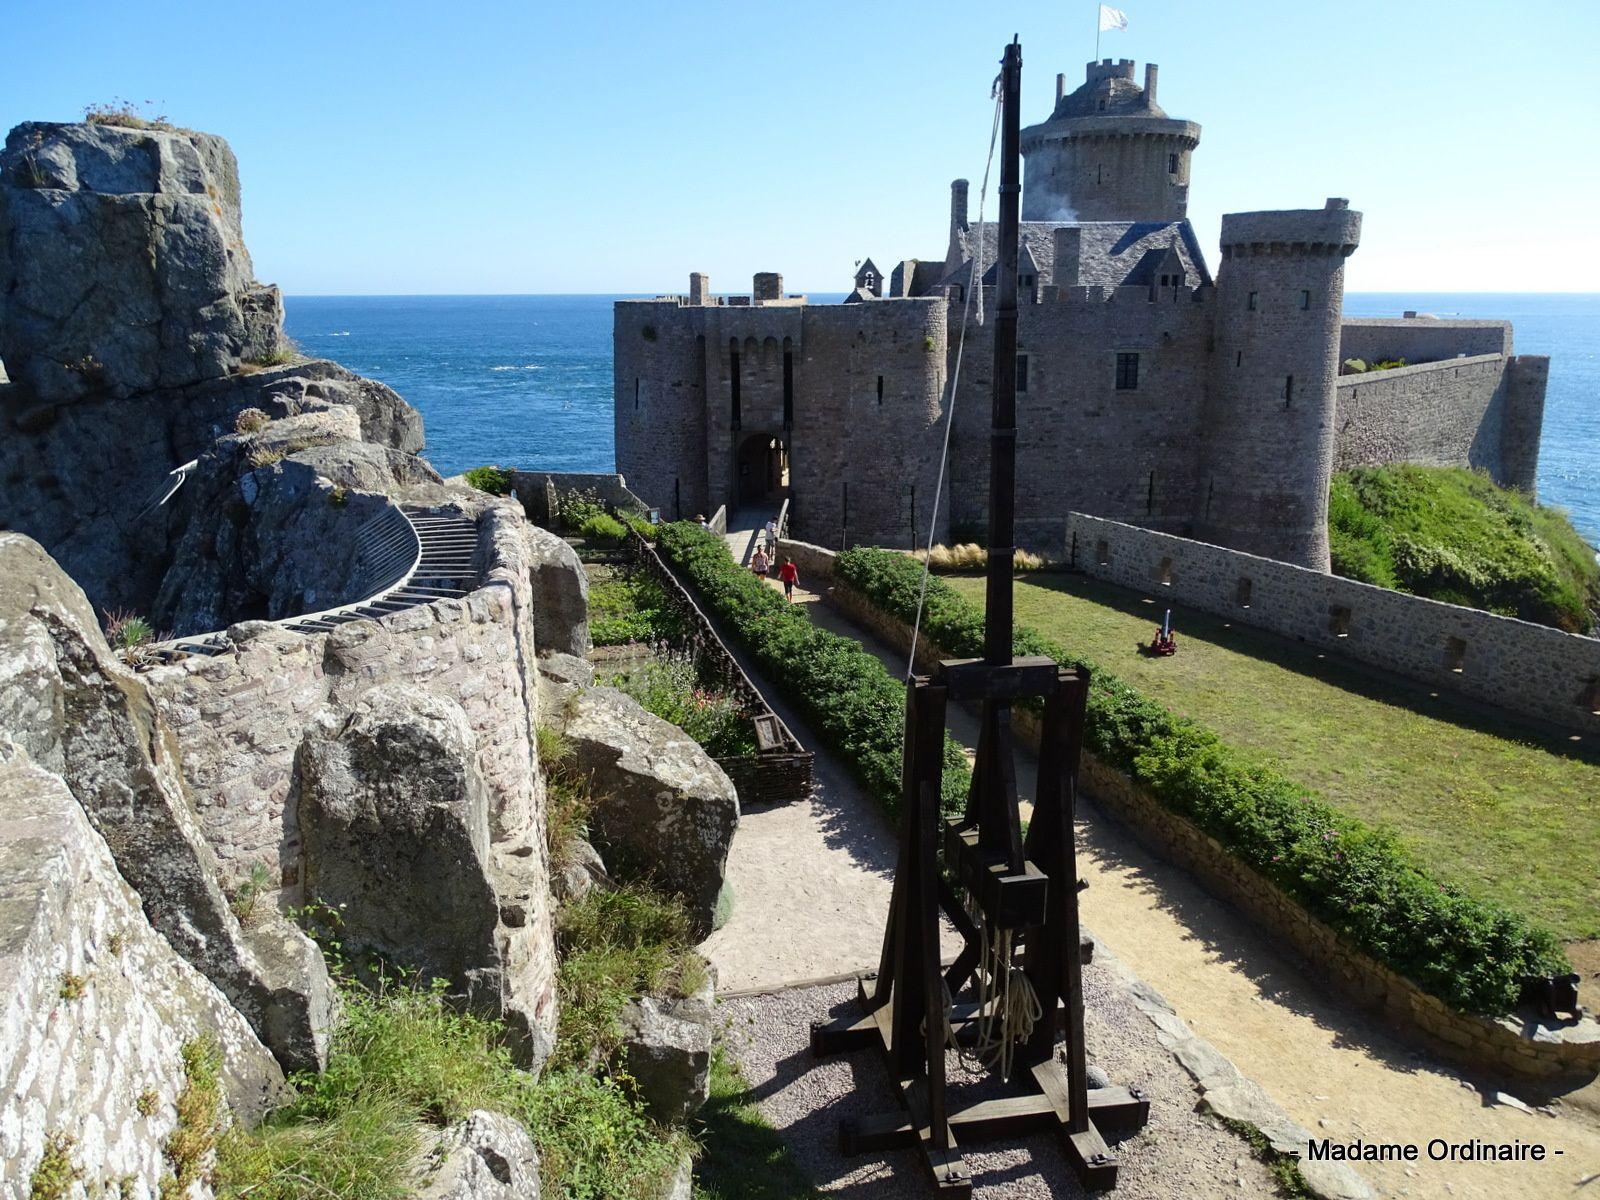 Un jour d'été sur la côte d'Émeraude, du Fort La Latte au Cap Fréhel